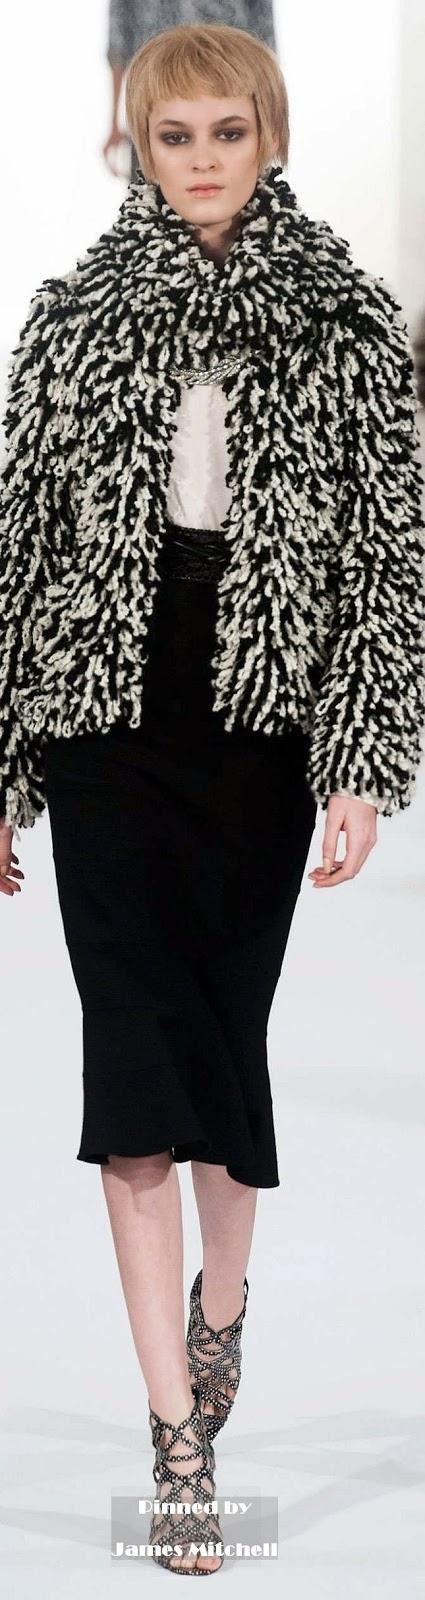 cascos preto e branco pêlo 2015